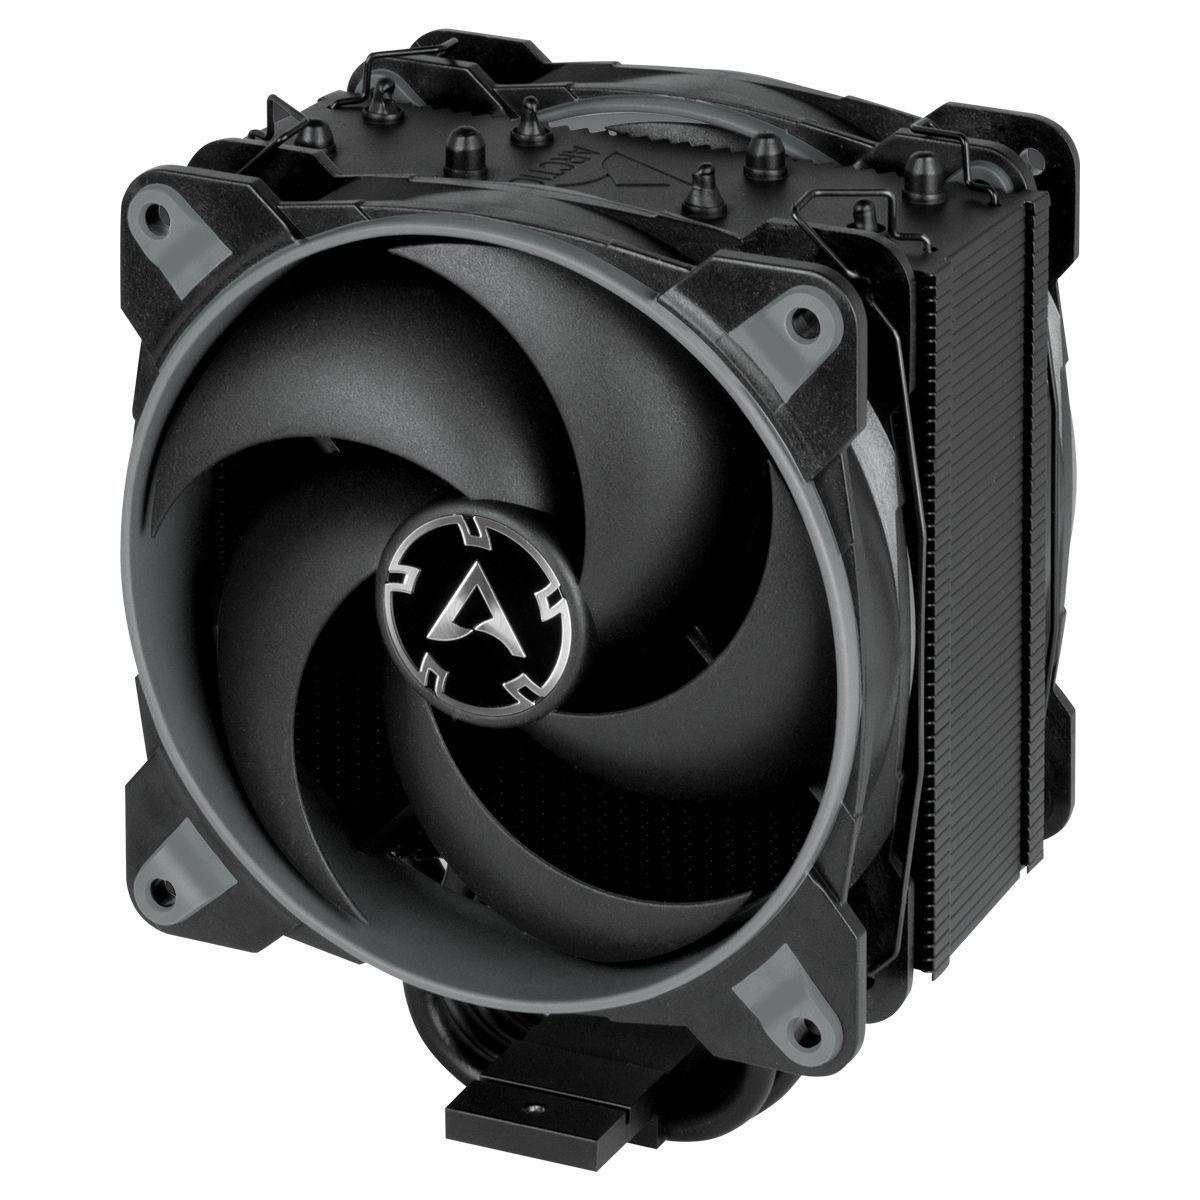 ARCTIC Freezer 34 eSports DUO Processor Koeler 12 cm Zwart, Grijs